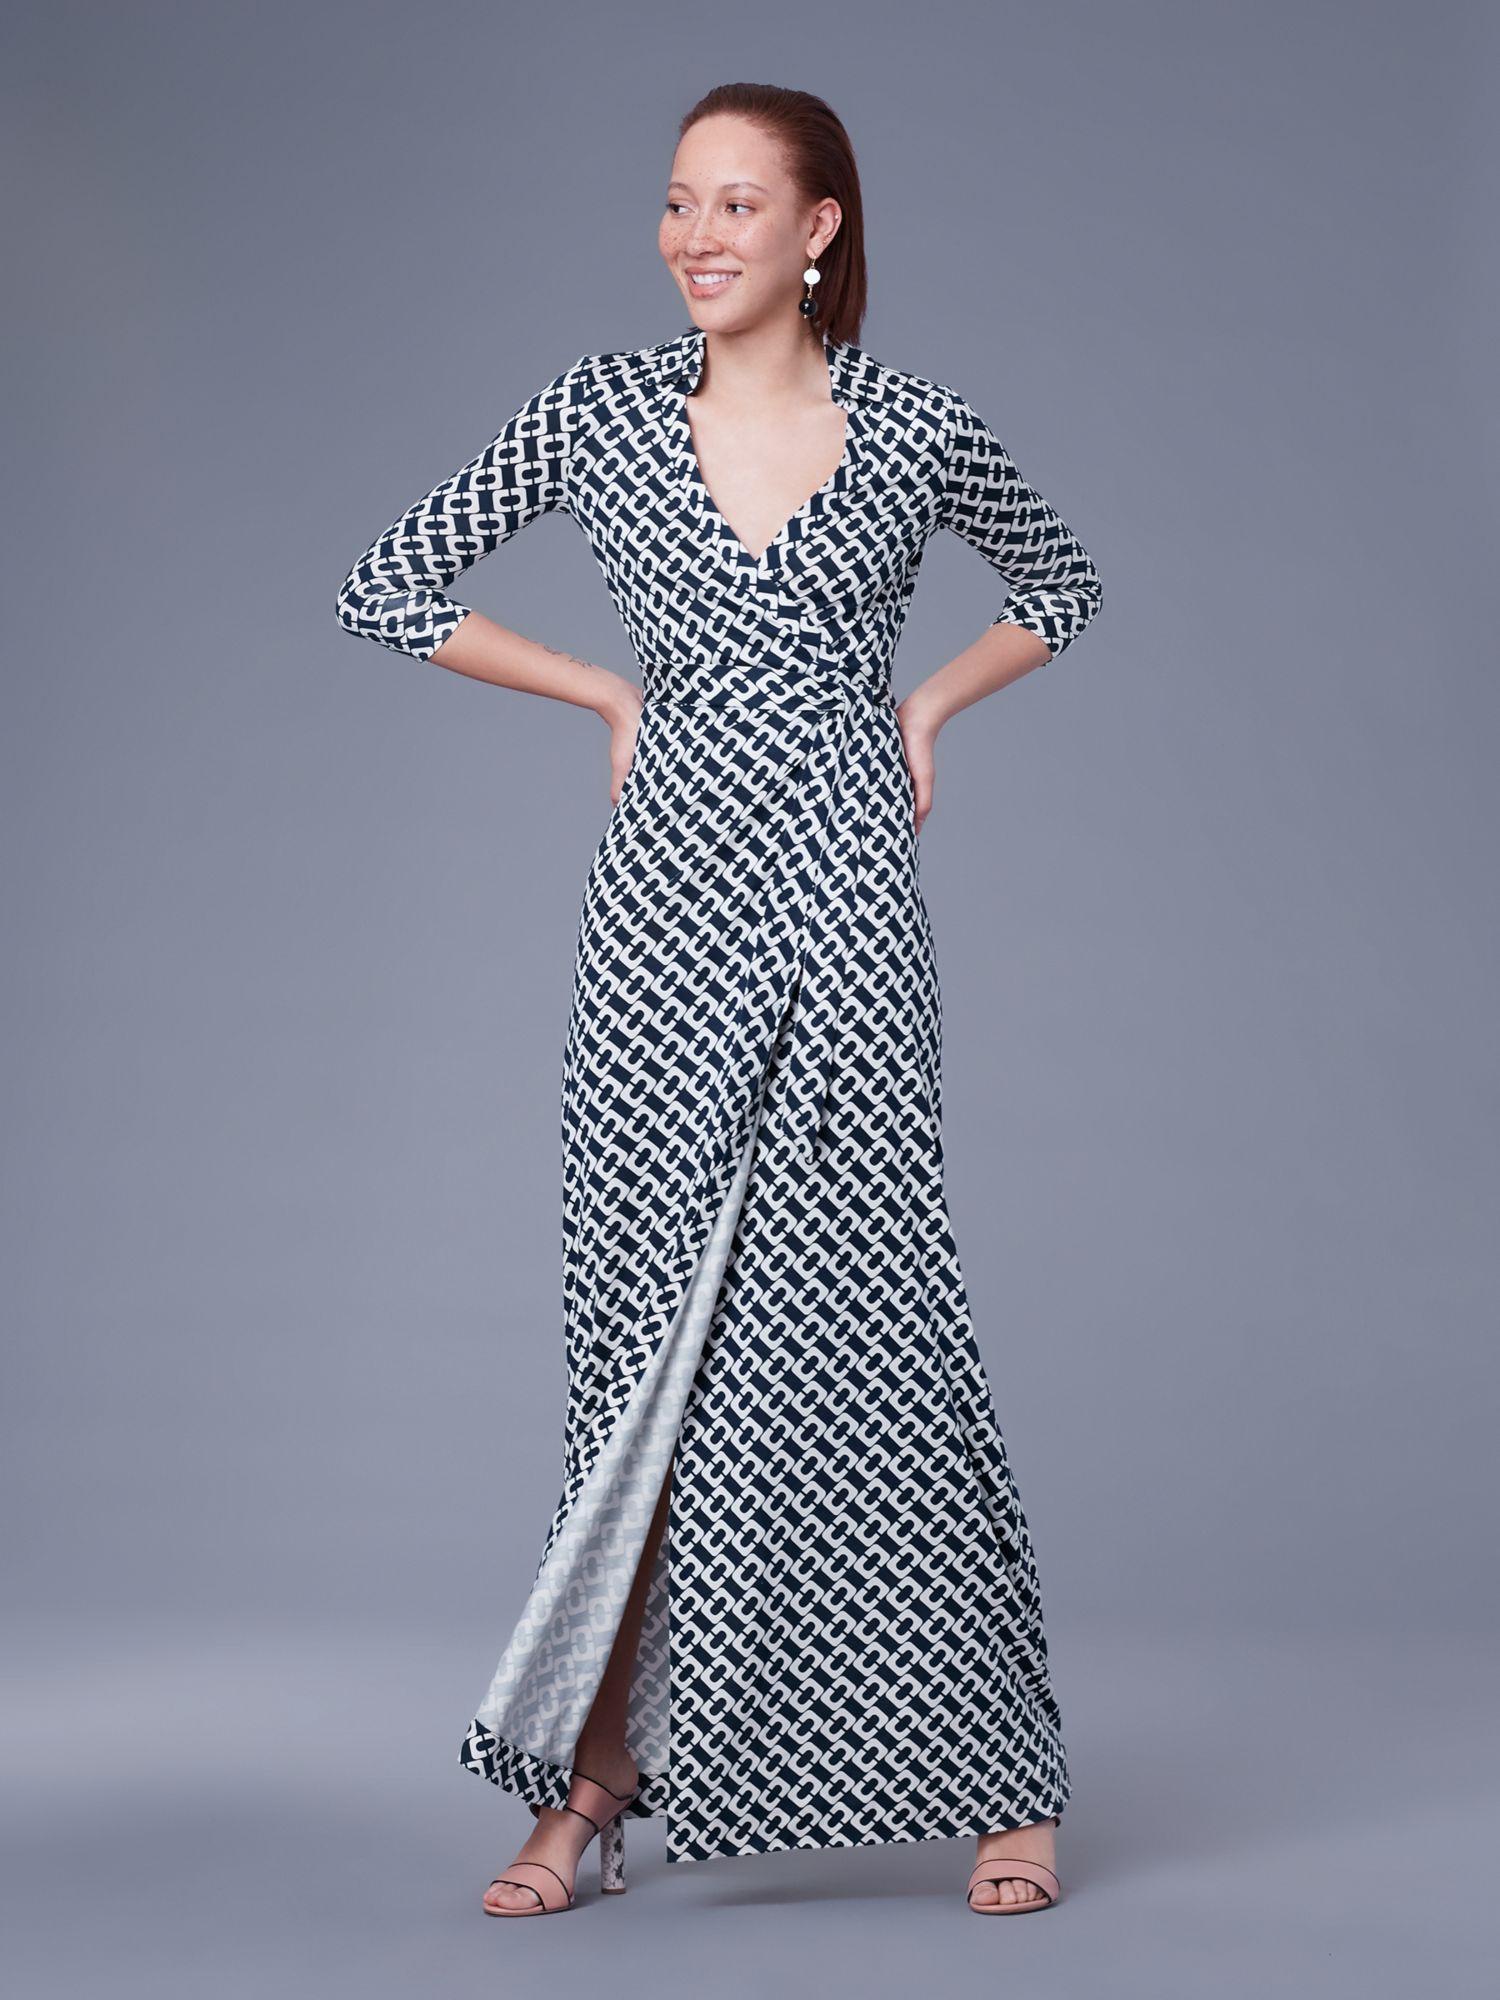 d87e189852 Diane Von Furstenberg Dvf Abigail Silk Jersey Wrap Dress - Chainlink Medium  New Navy 14